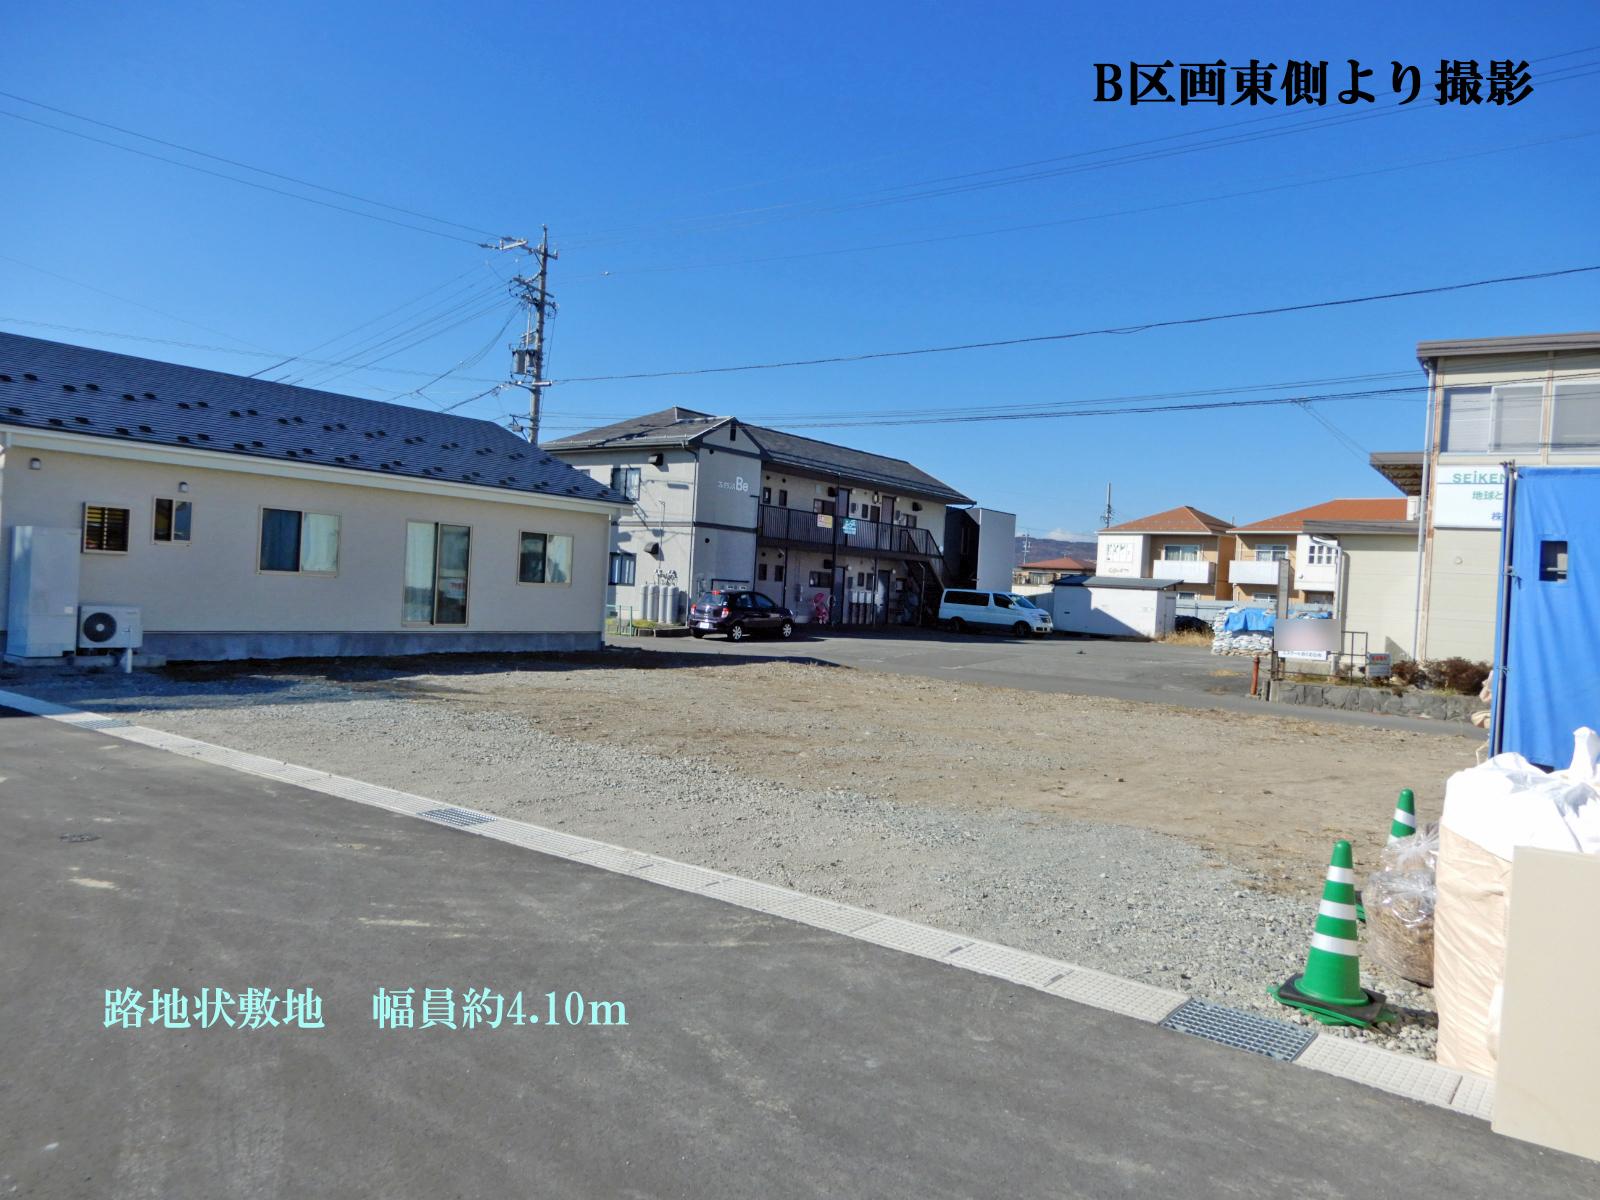 諏訪市渋崎 B区画_アイキャッチ画像